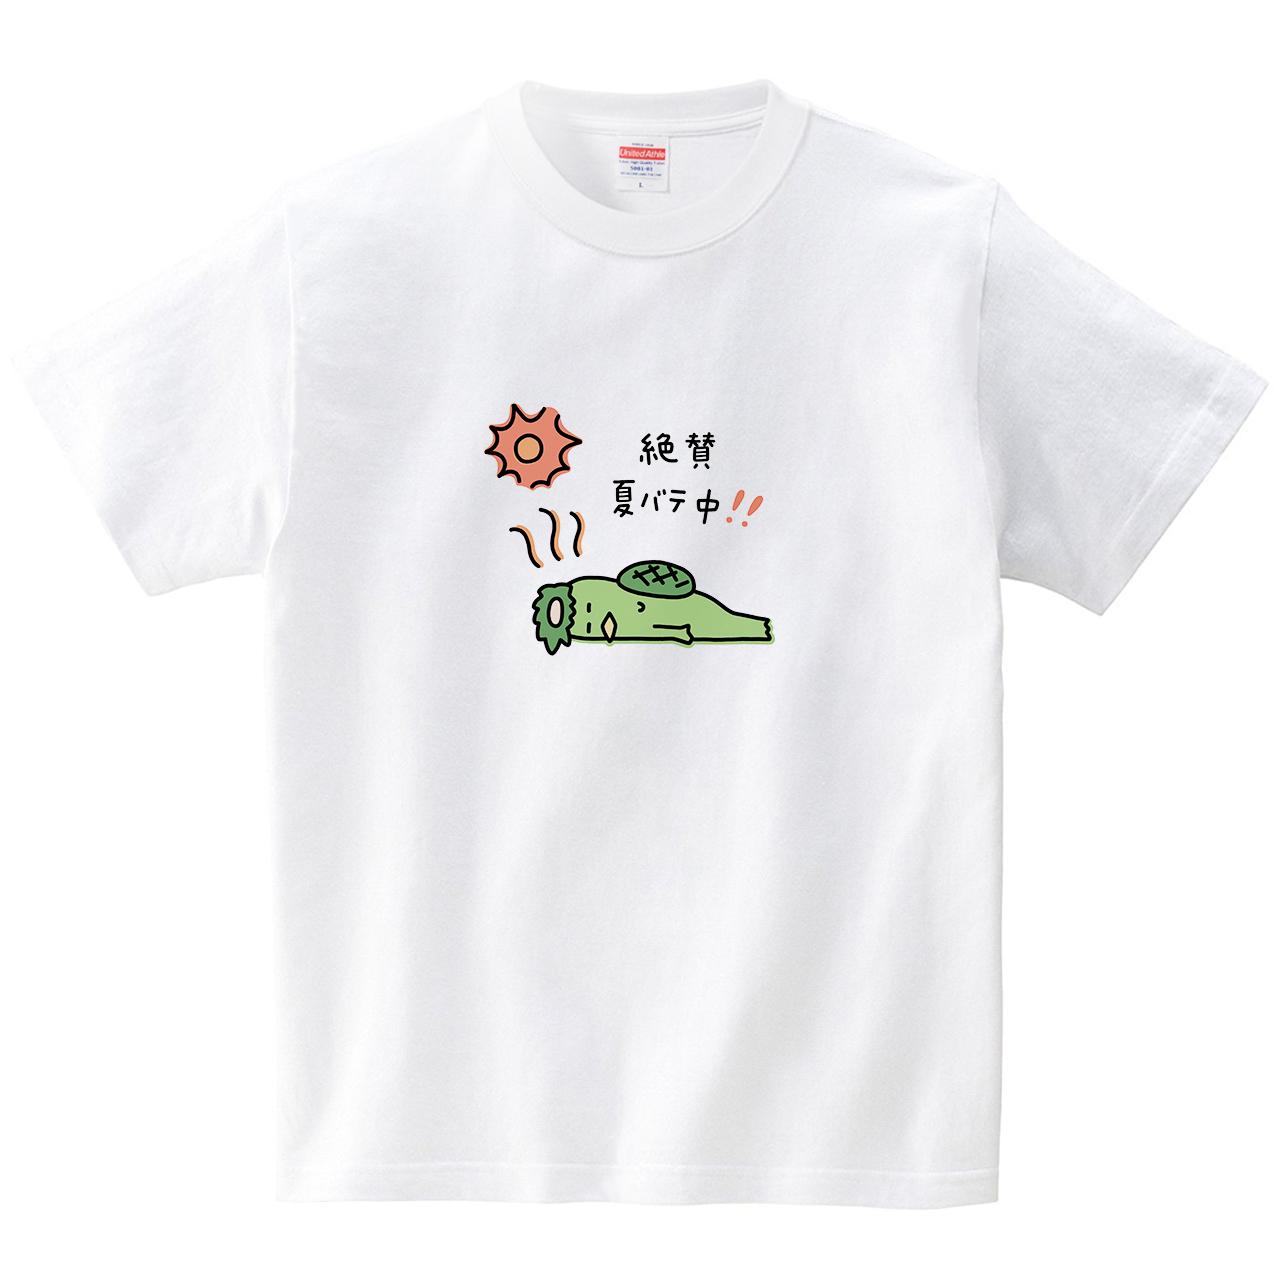 絶賛夏バテ中!(Tシャツ・ホワイト)(tsukamotojunko)